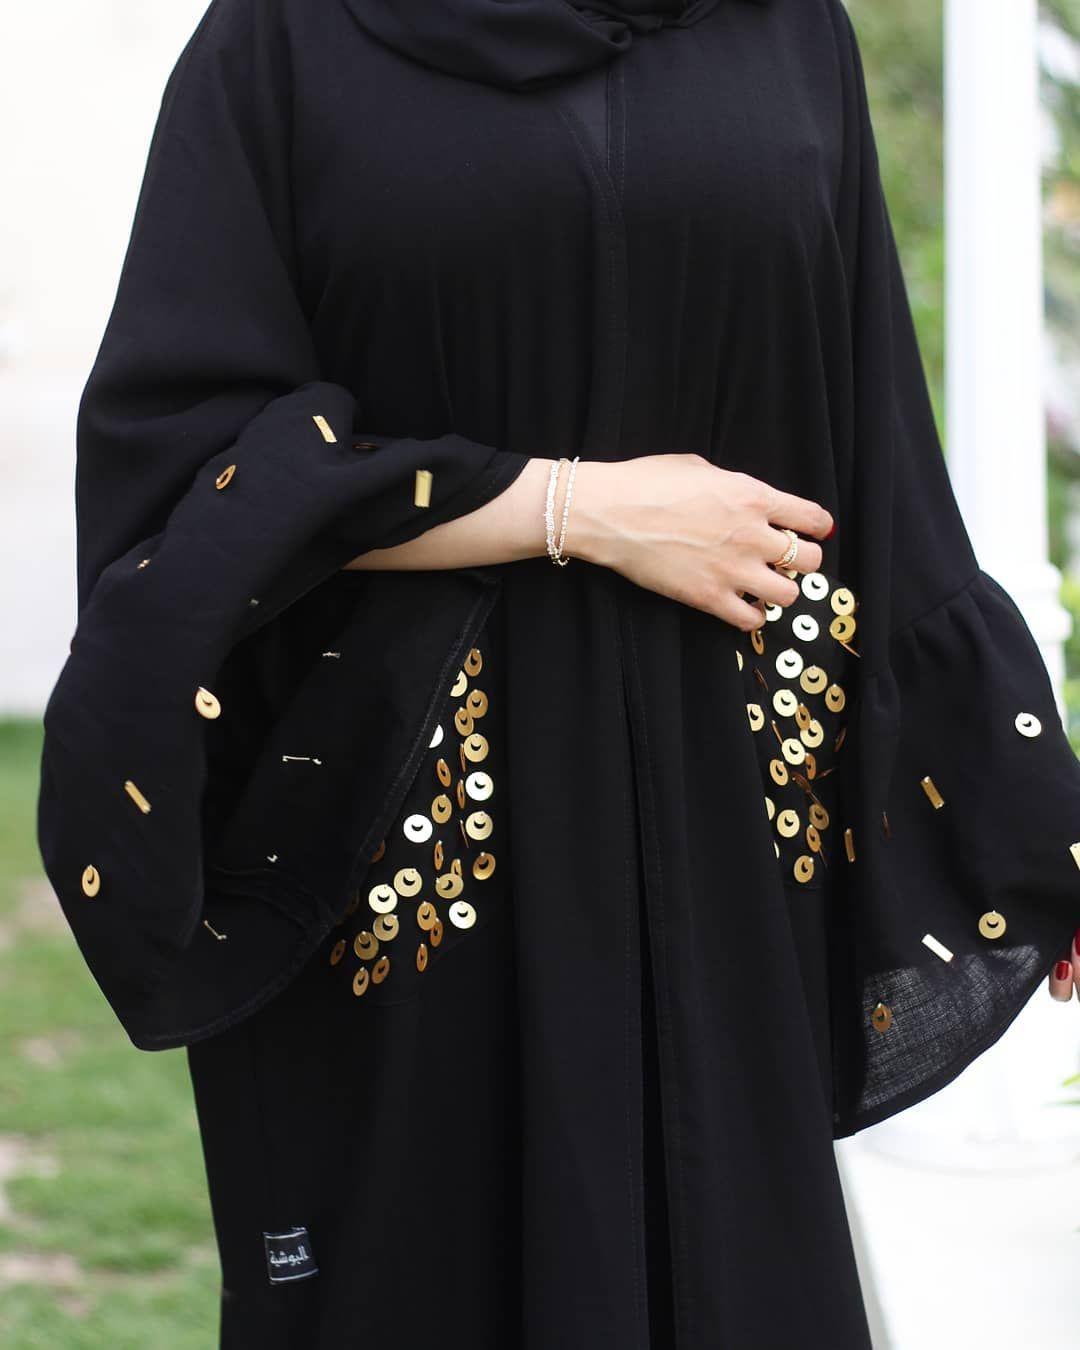 L Image Contient Peut Etre Une Personne Ou Plus Abaya Fashion Abaya Fashion Dubai Abayas Fashion